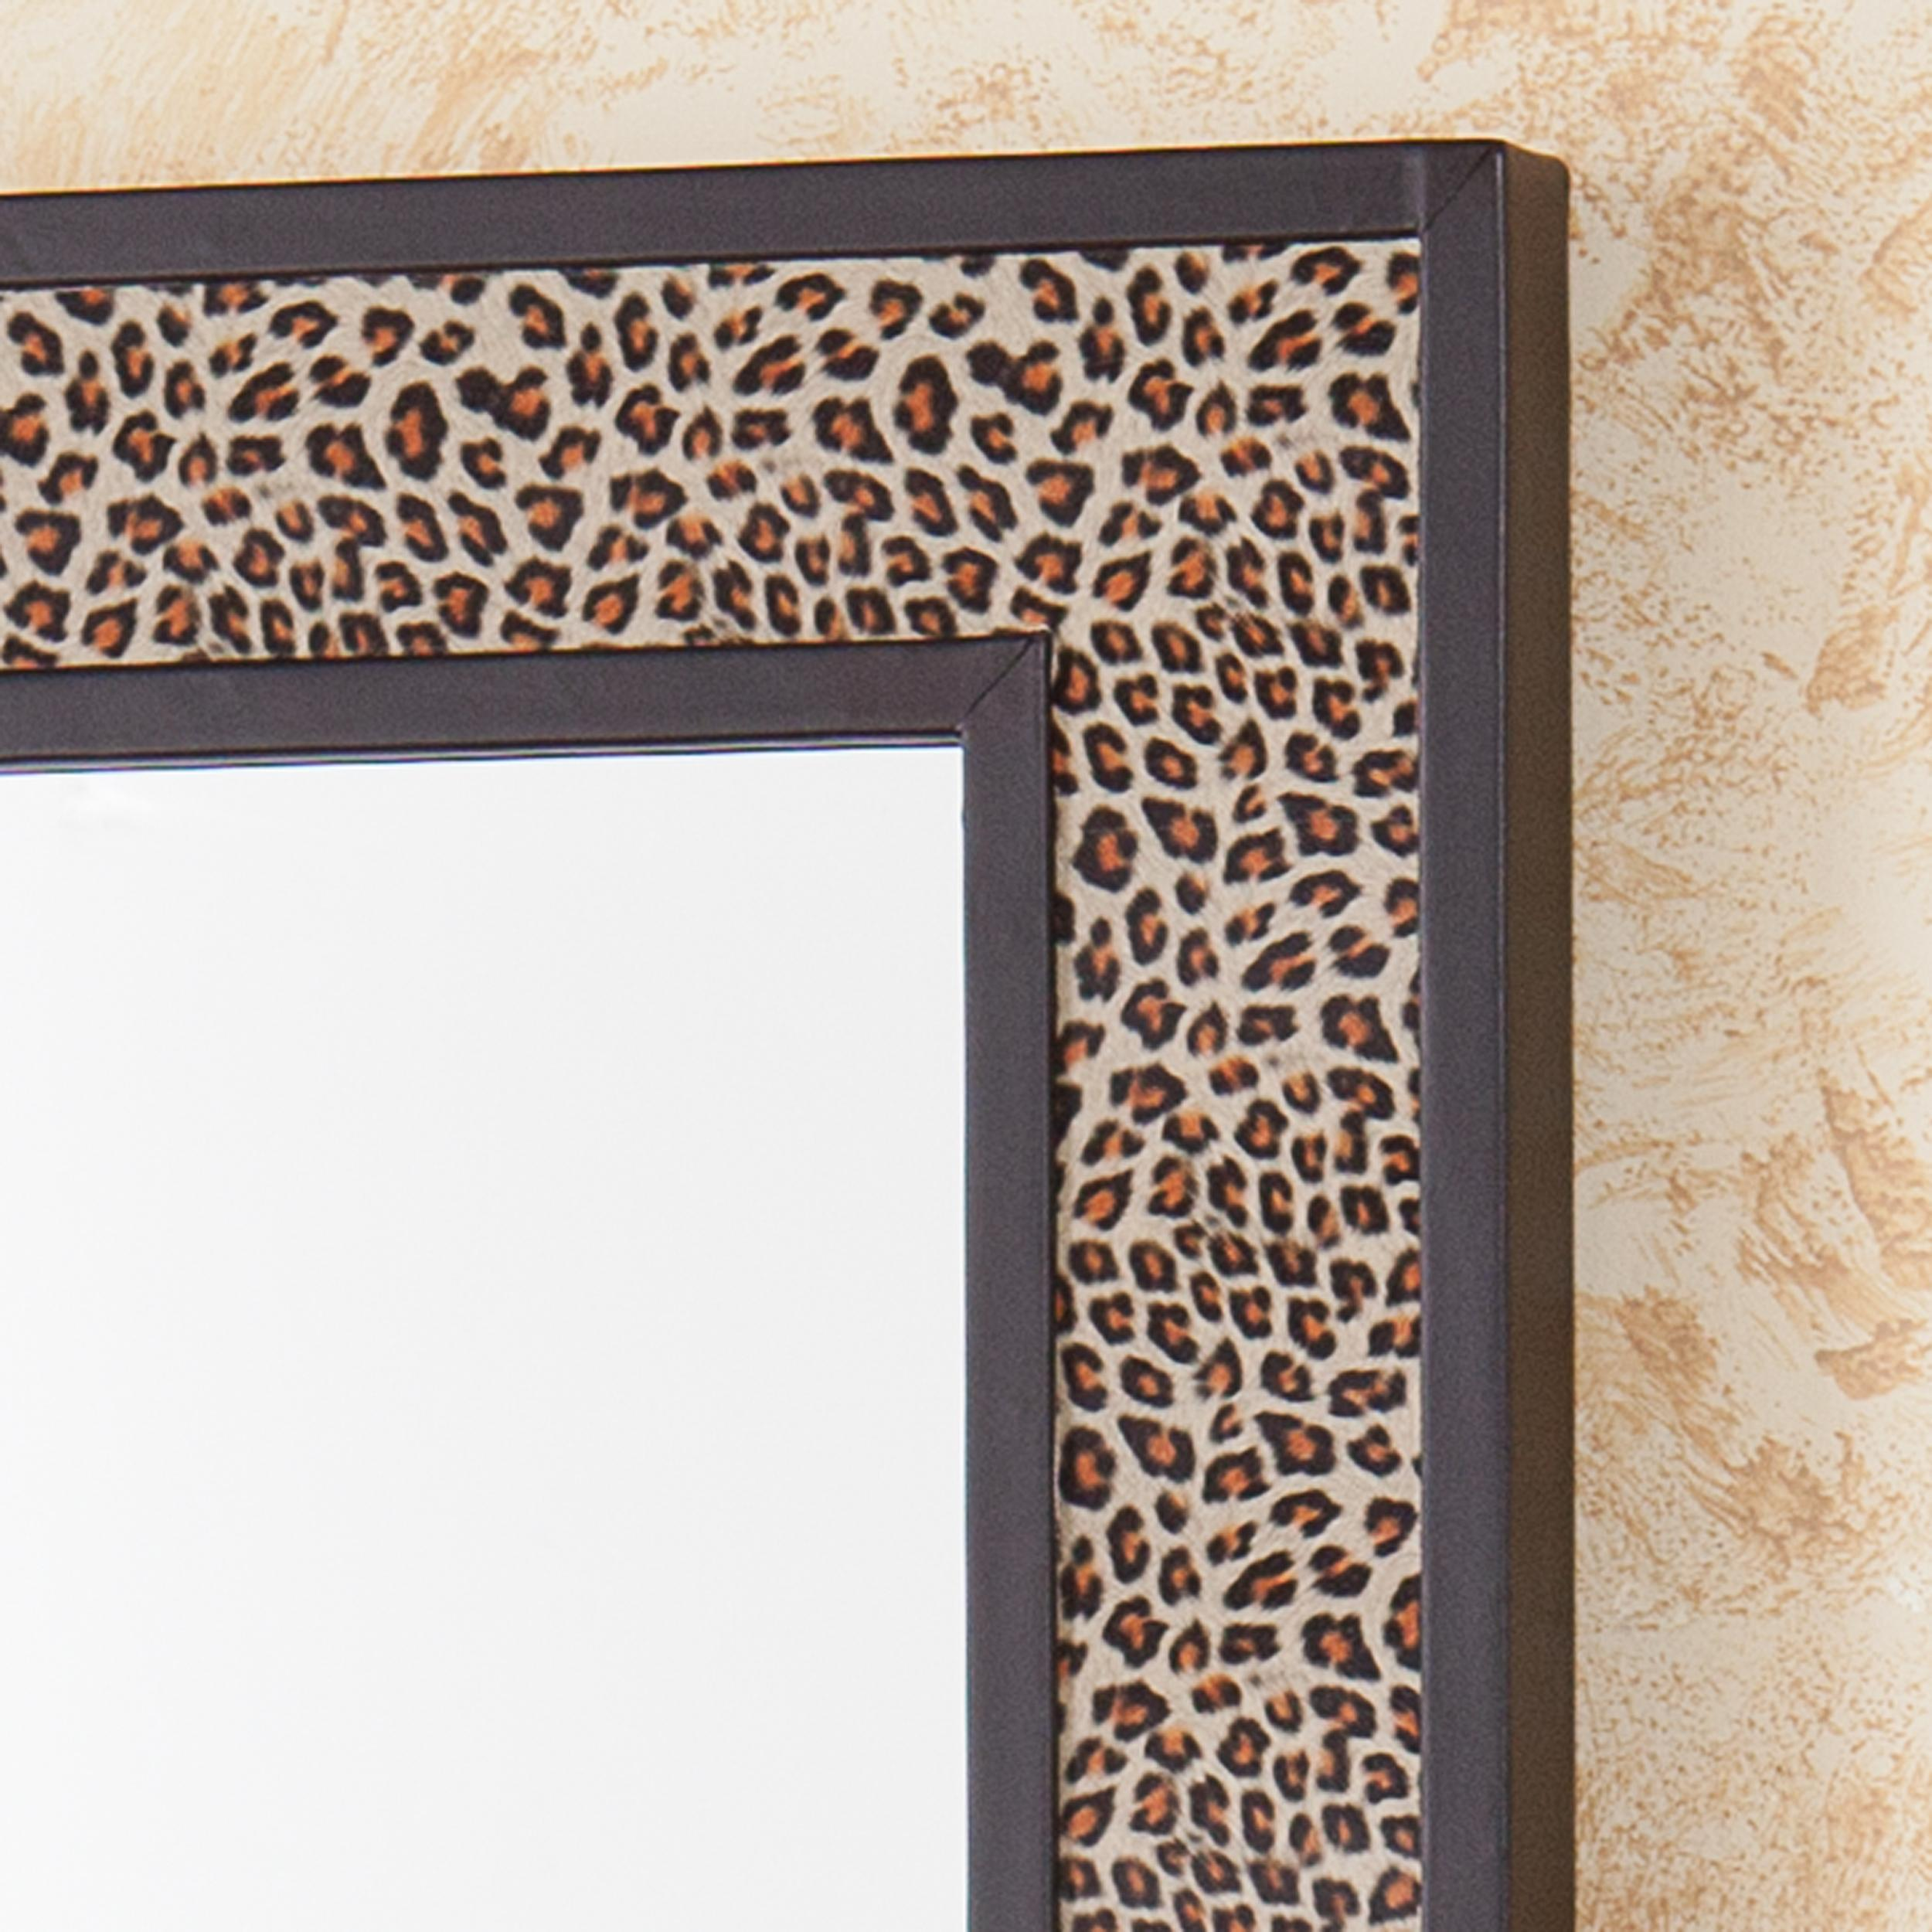 d8586b131d0 Sei berkman leopard animal print decorative wall mirror jpg 2500x2500  Leopard trim mirror